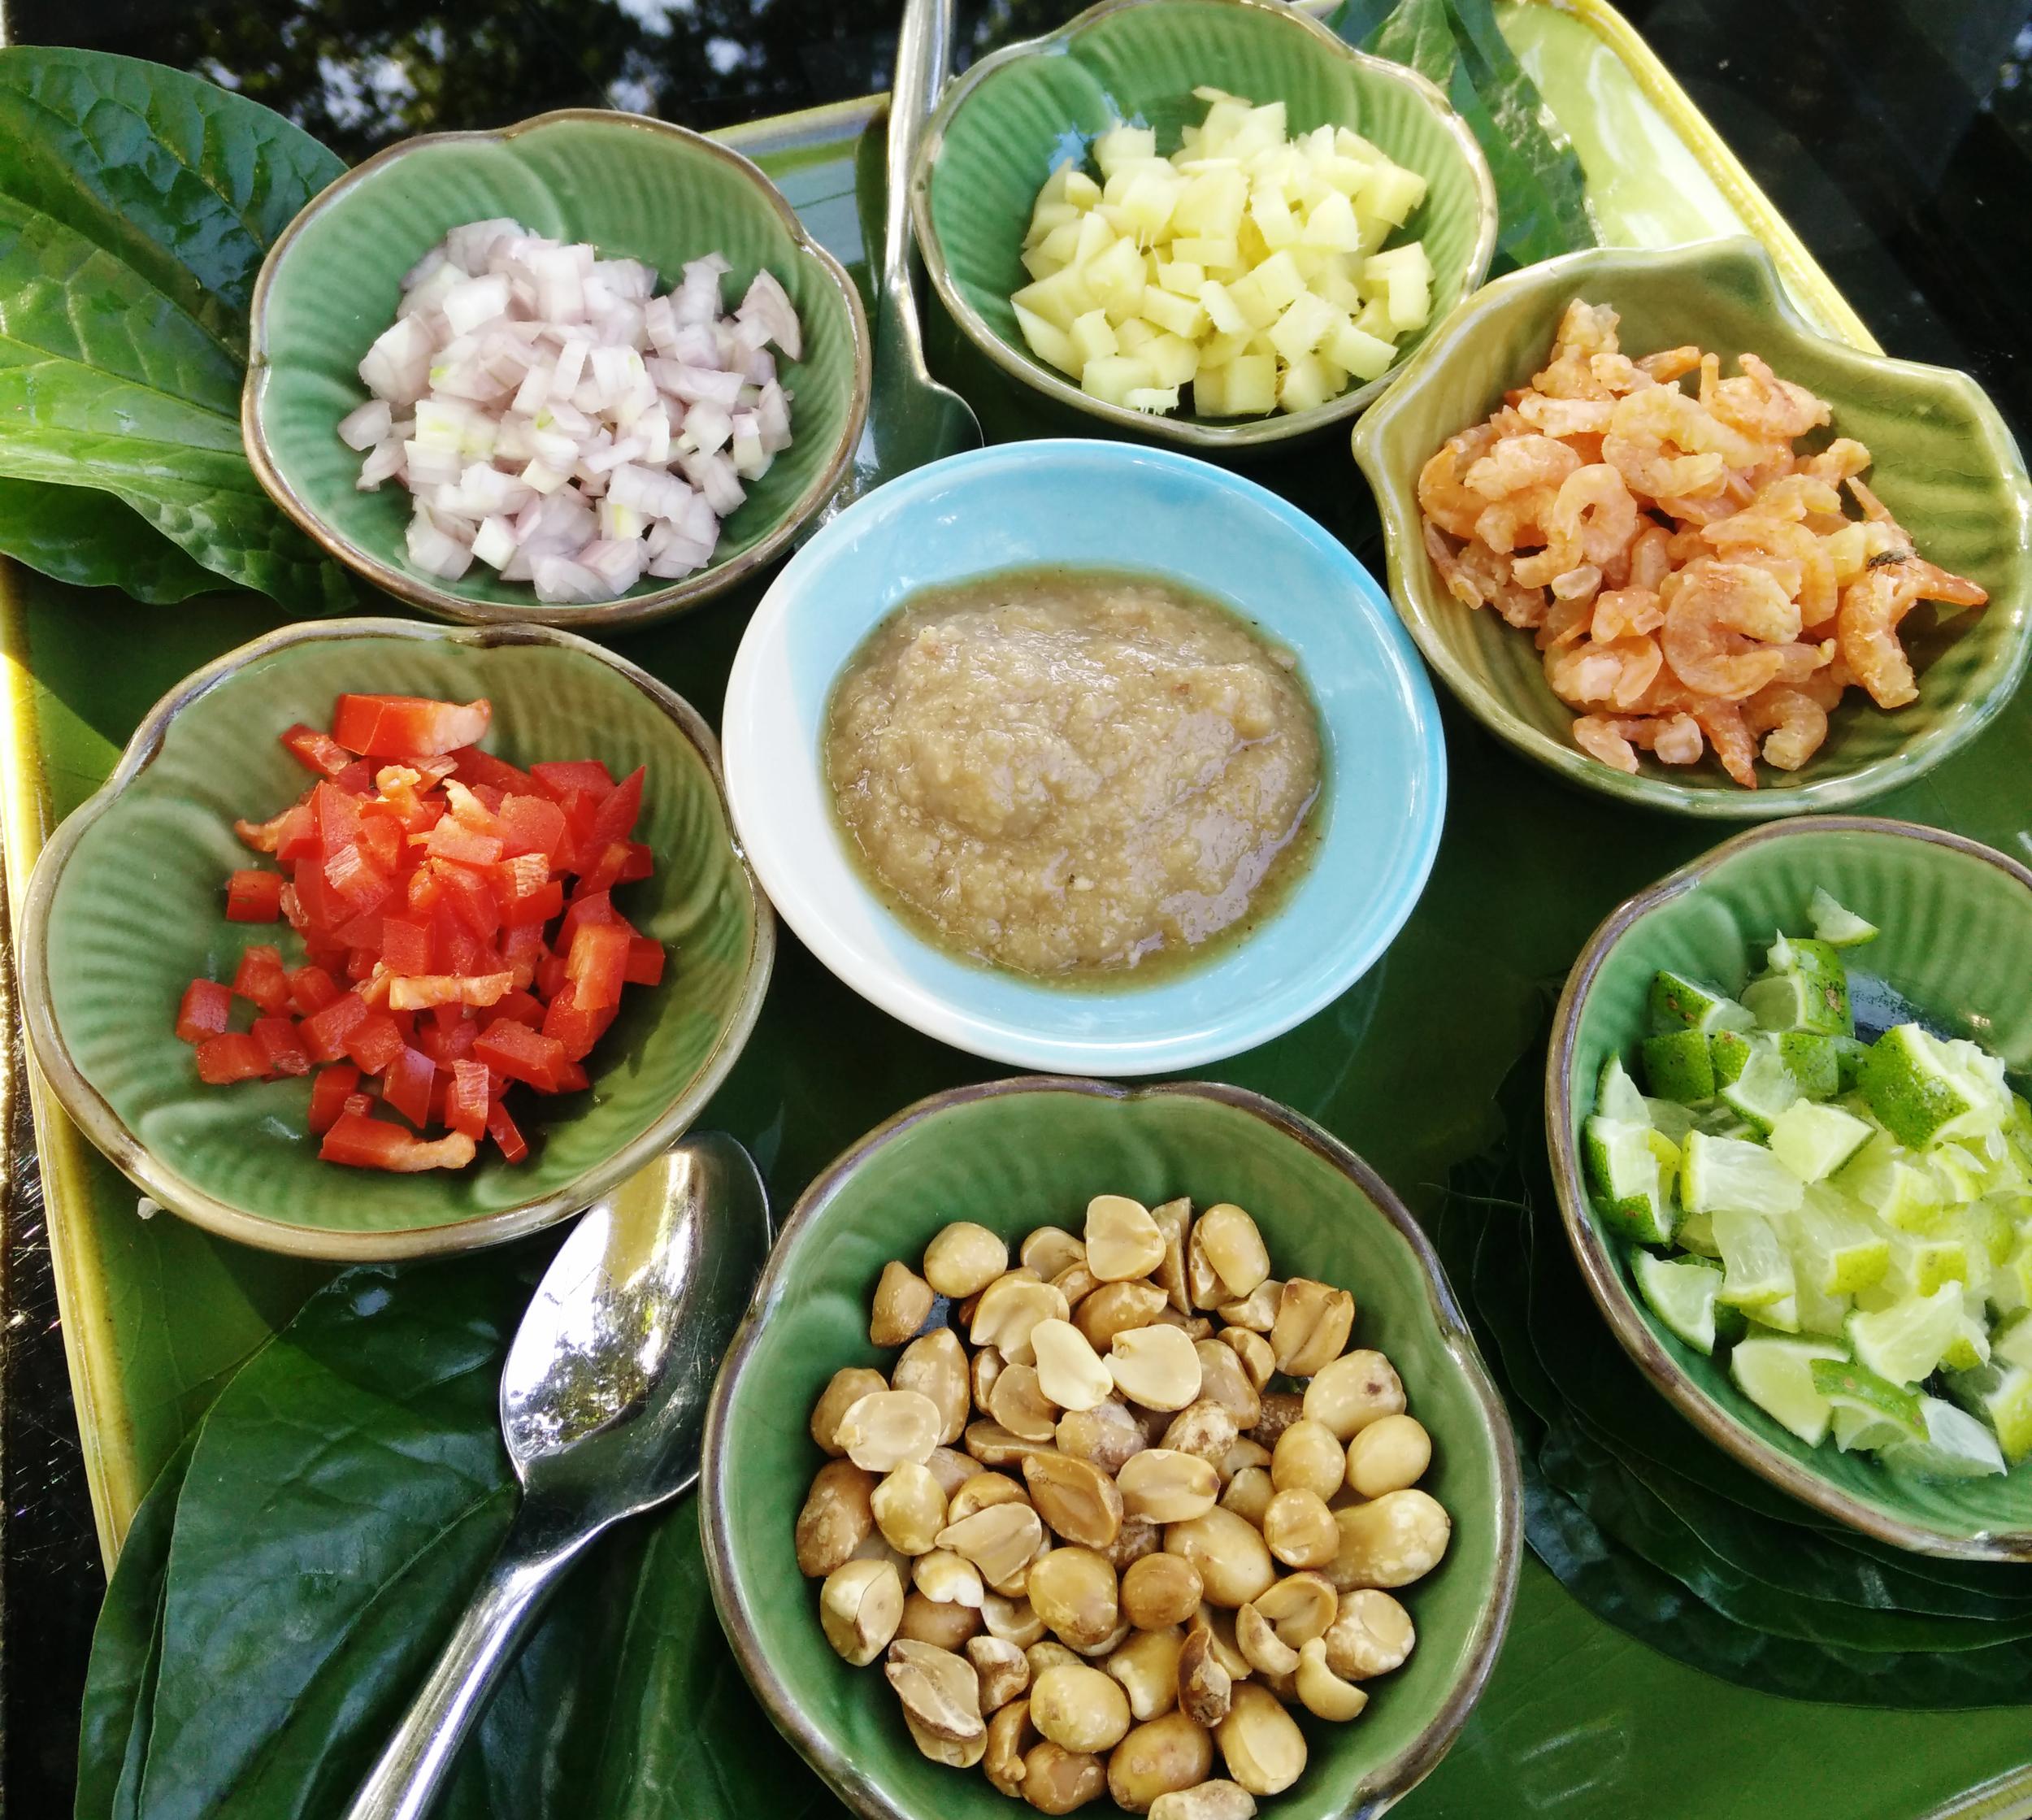 Laos Food - The Exploress